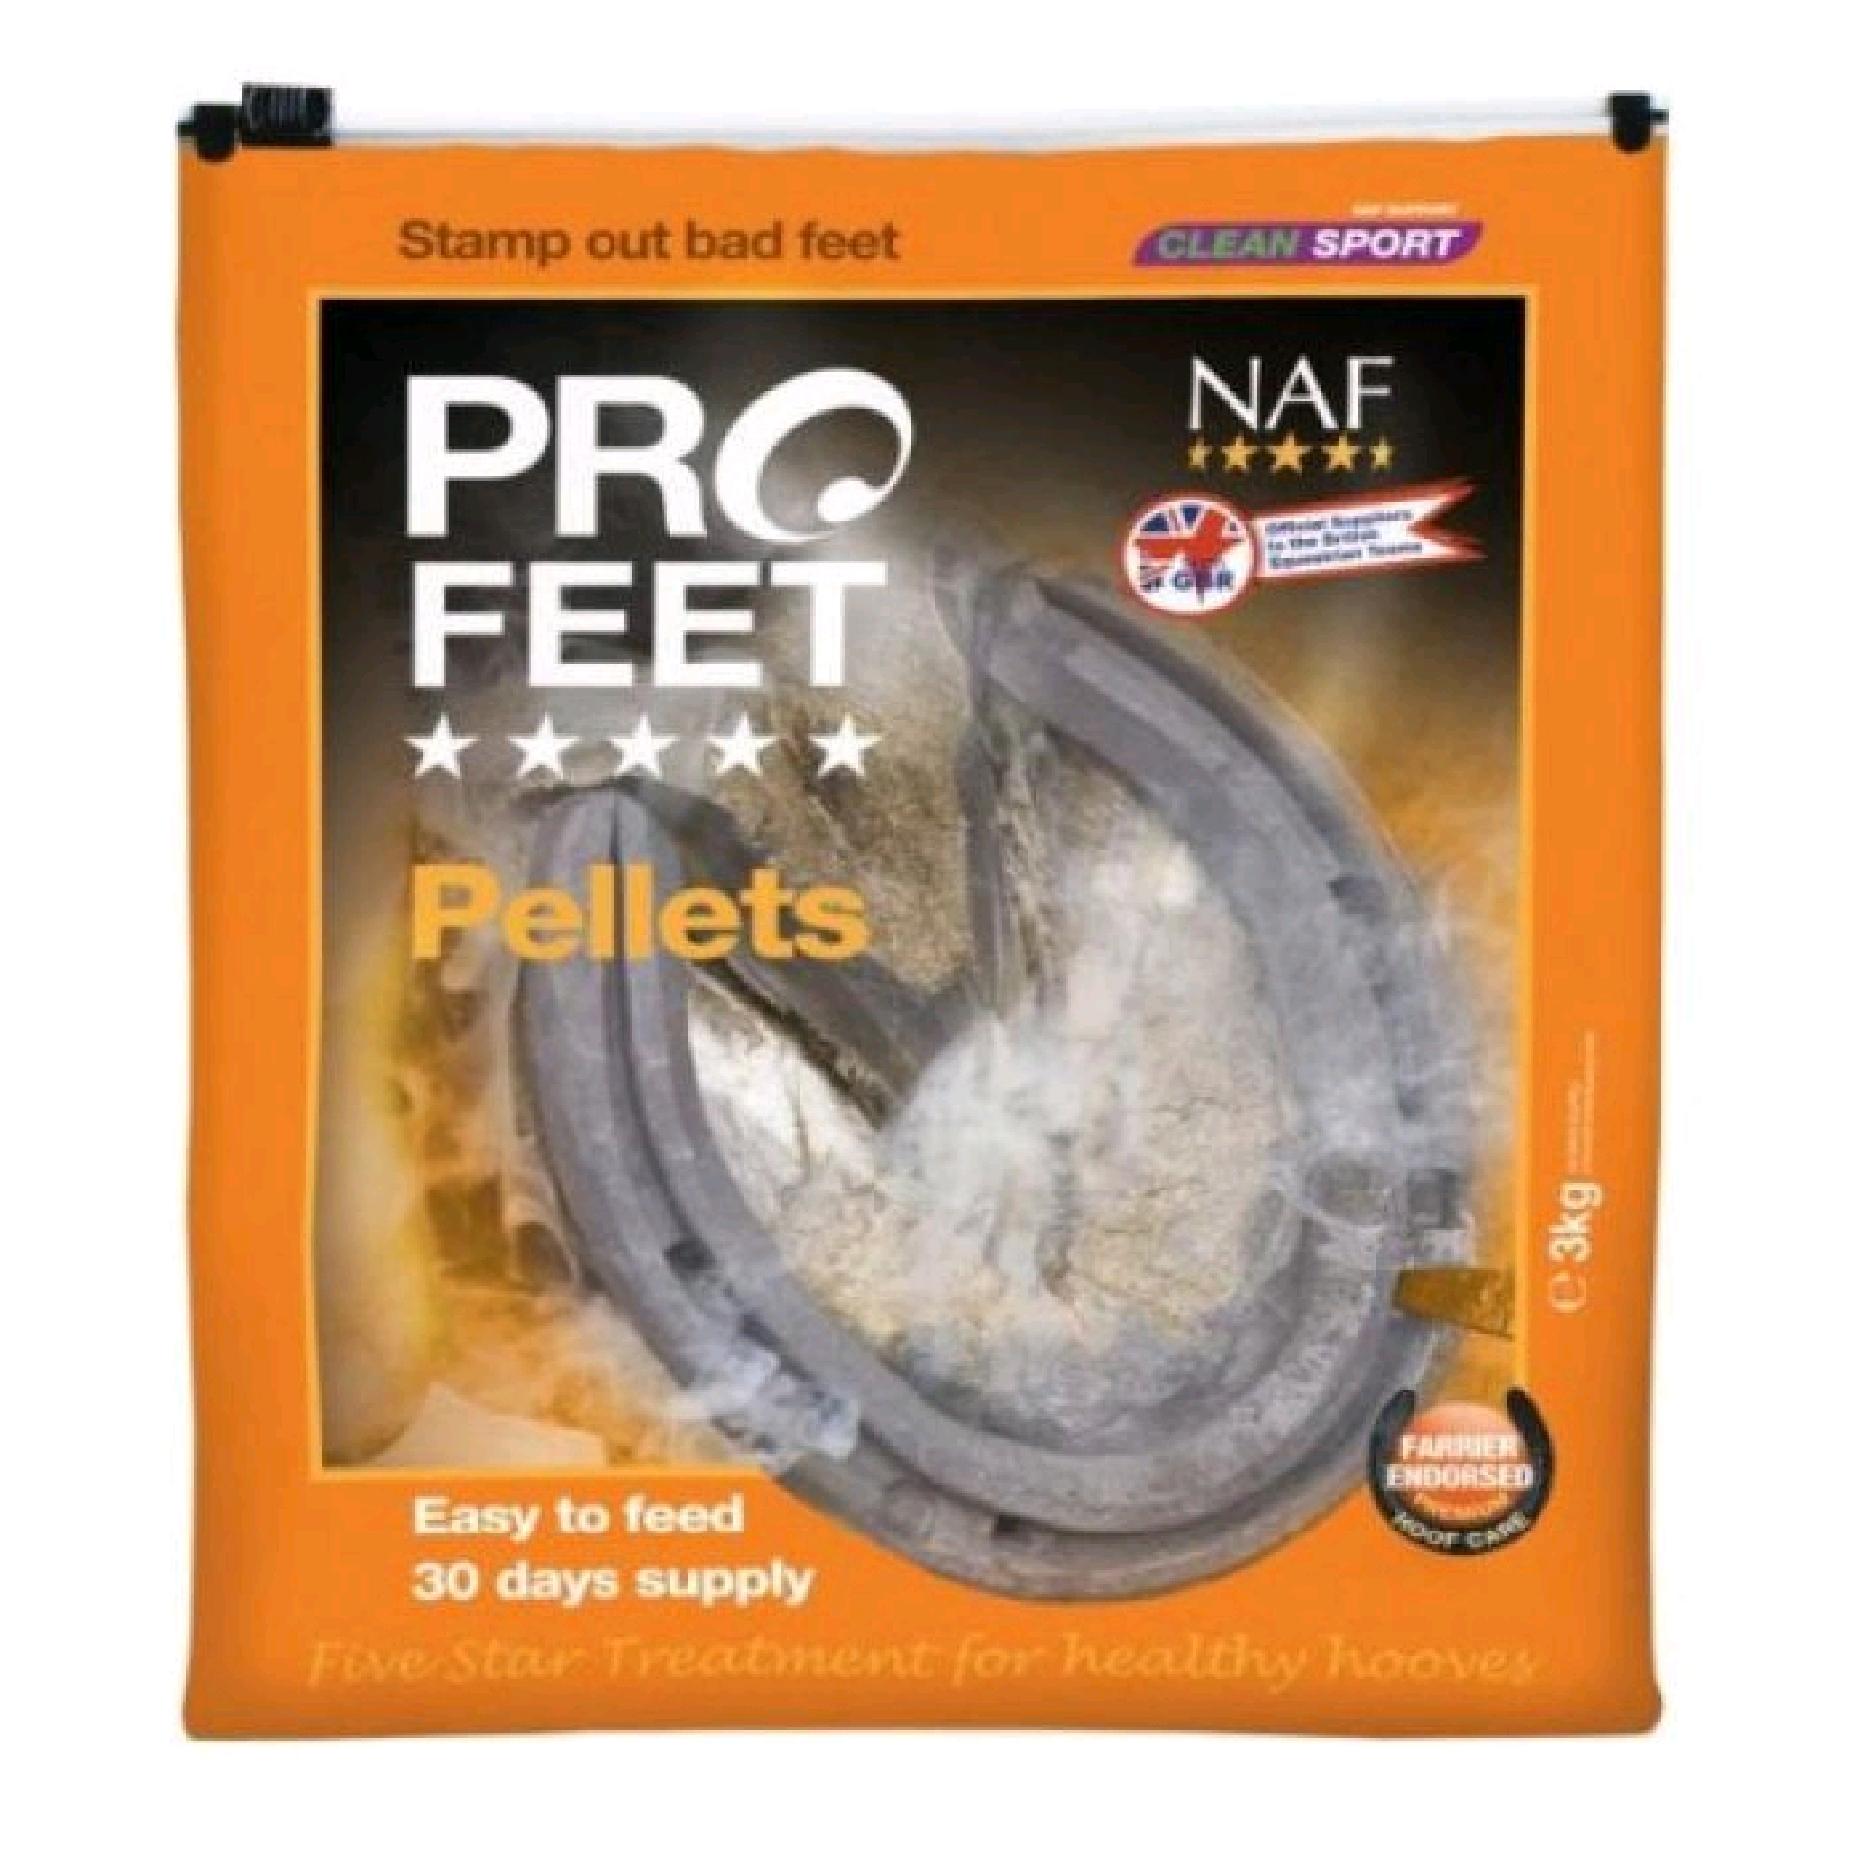 NAF Pro Feet Pellets